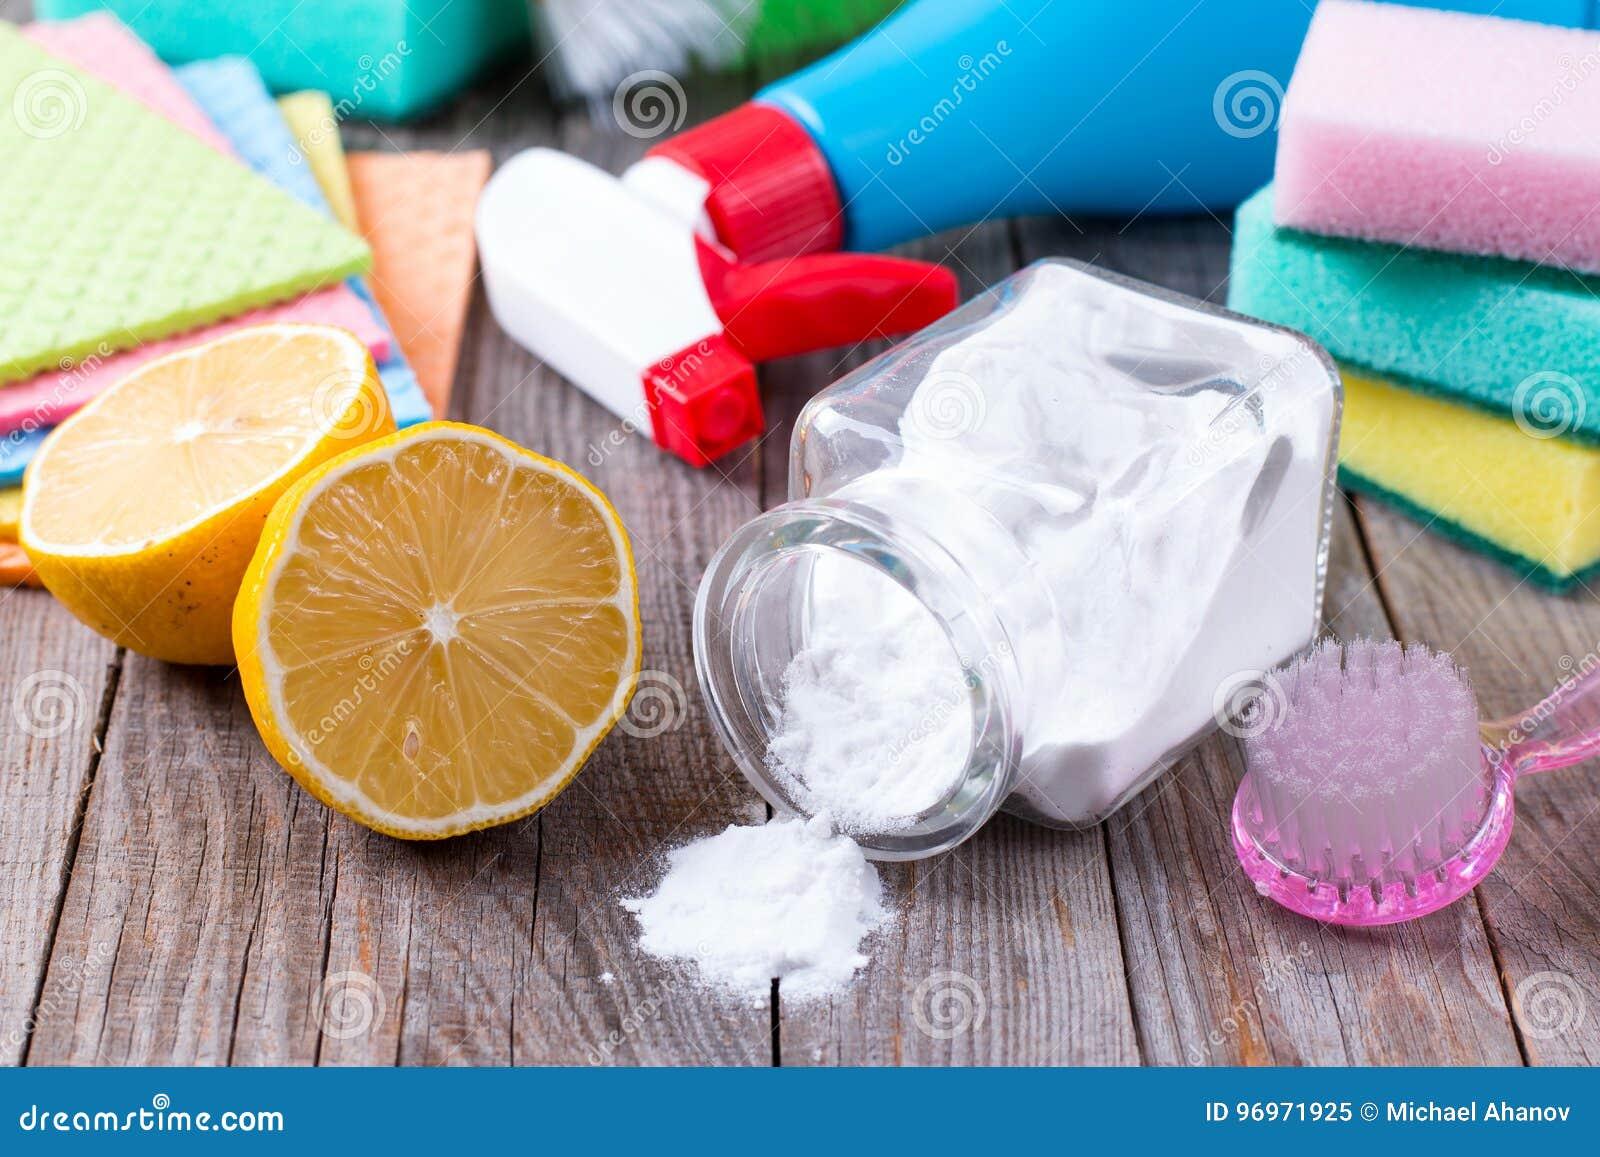 Milieuvriendelijk natuurlijk reinigingsmachineszuiveringszout, citroen en doek op houten lijst ter beschikking